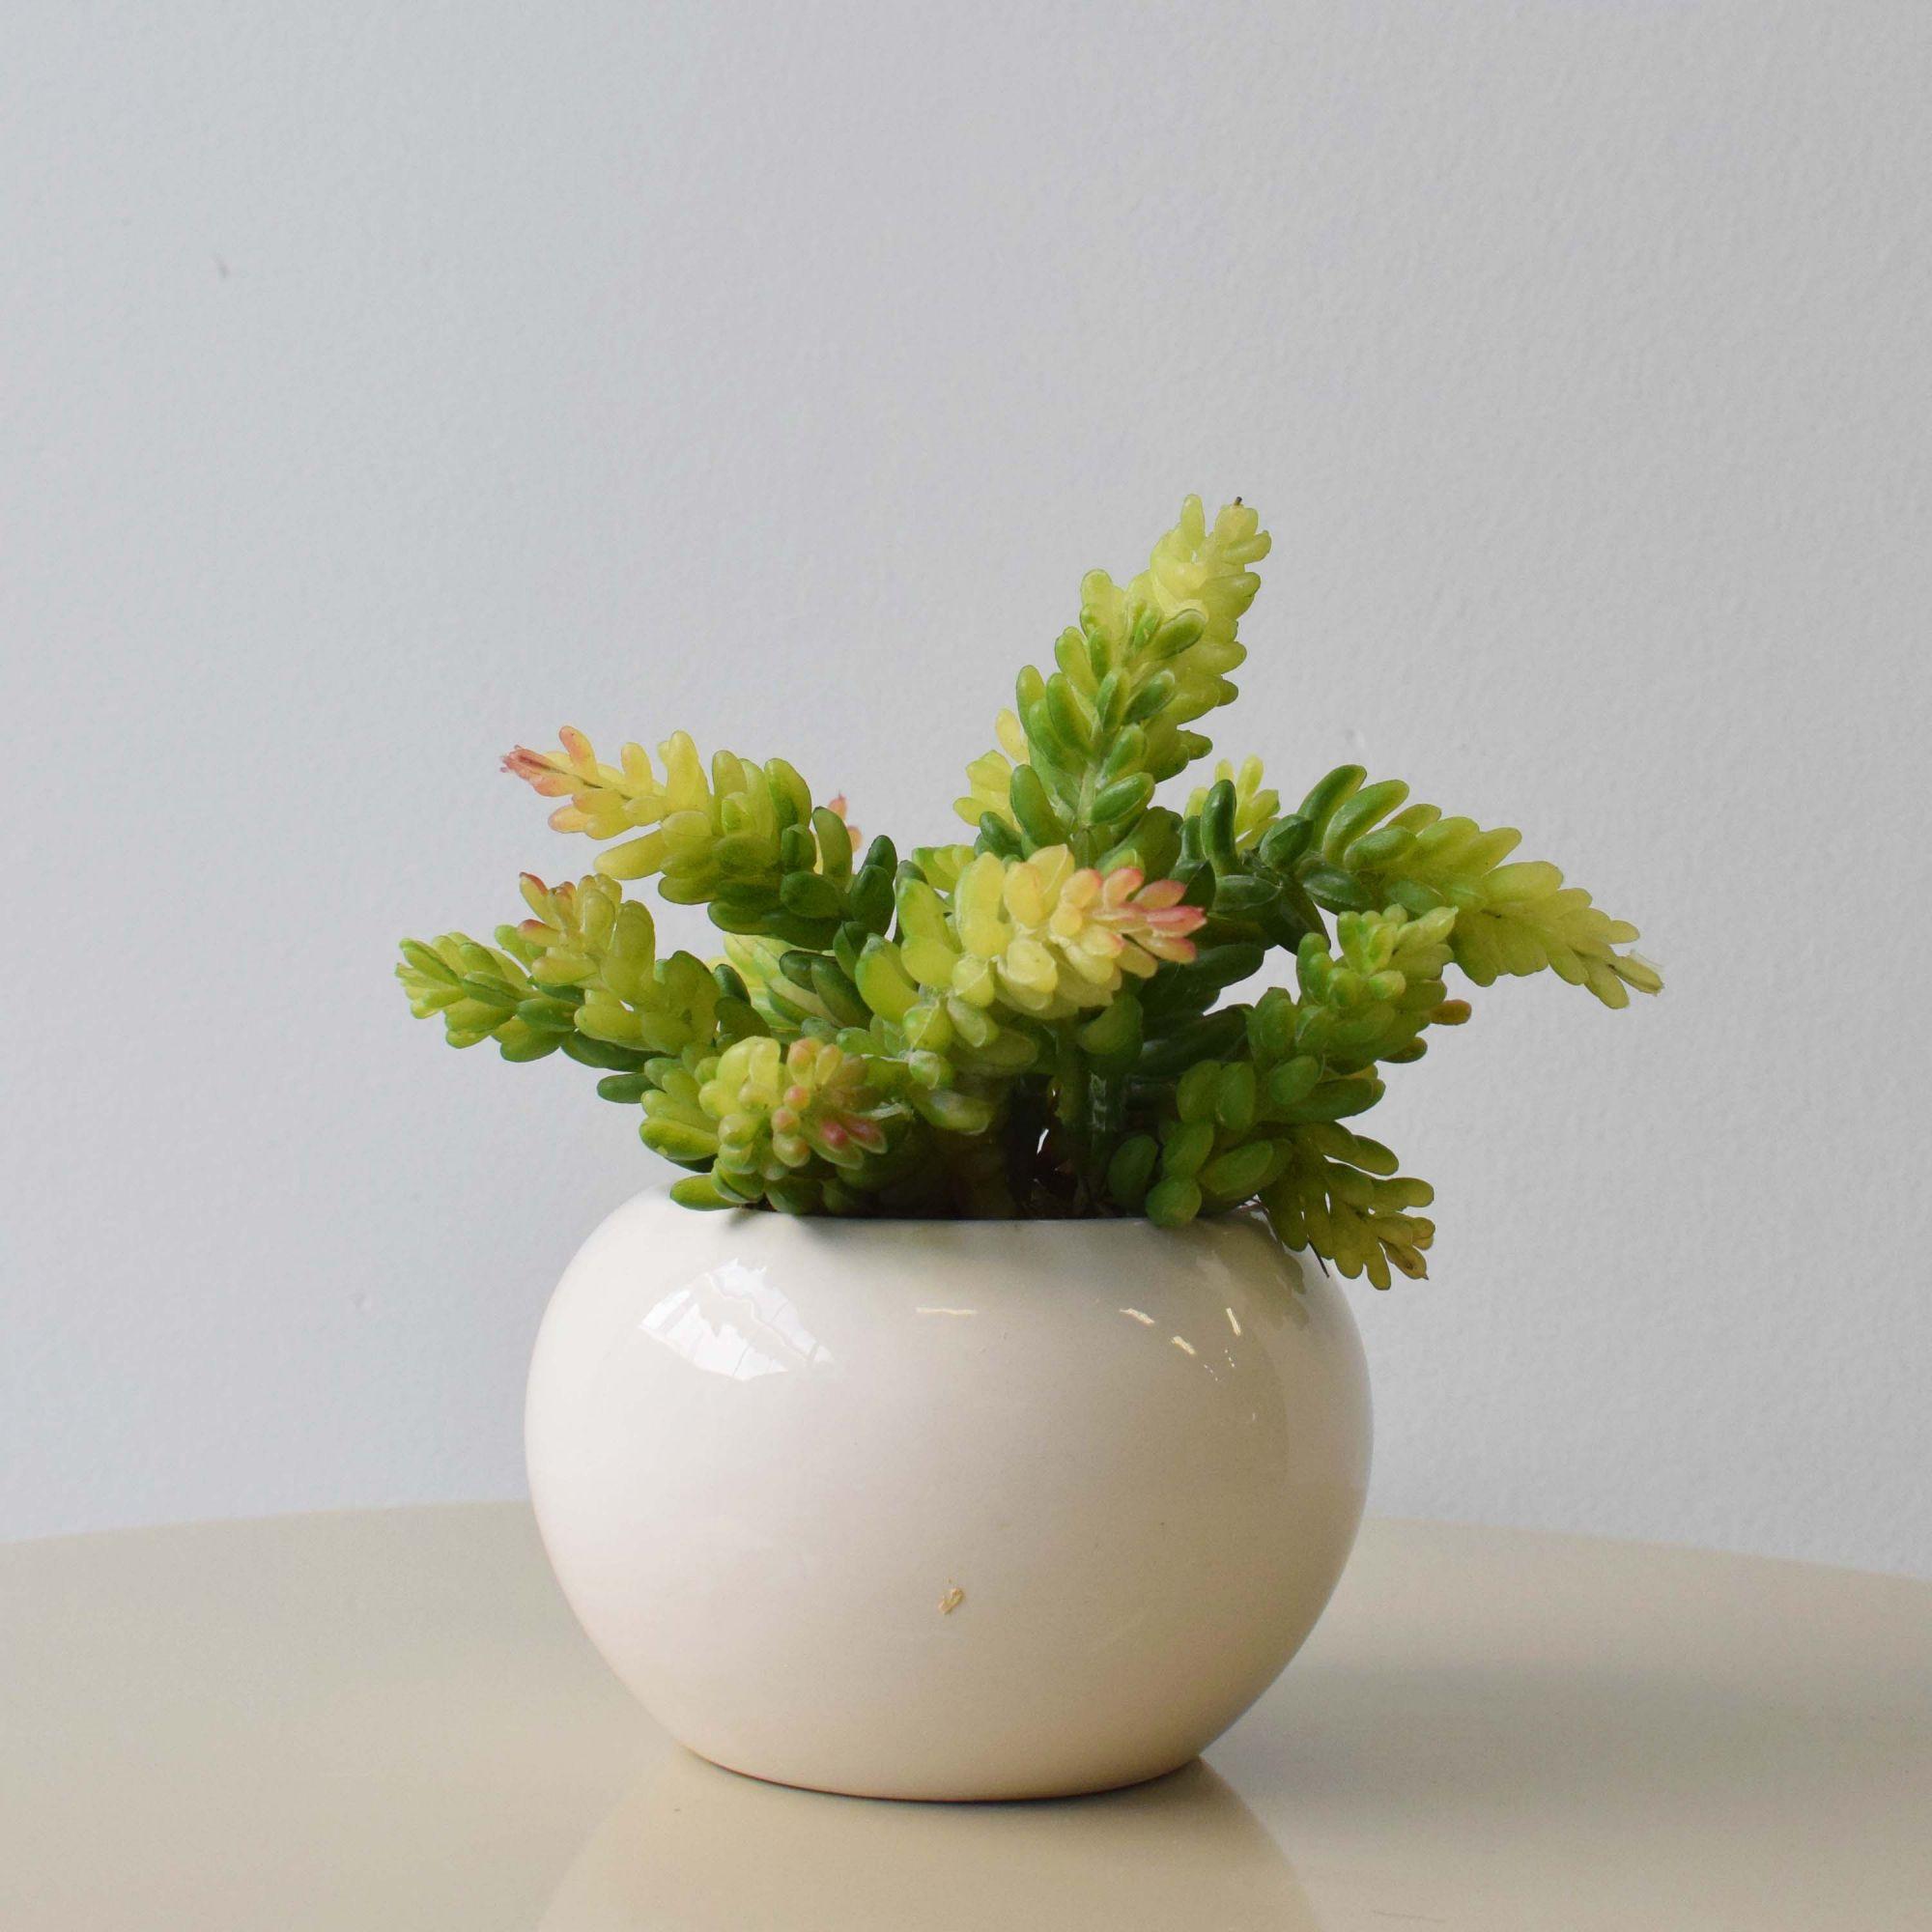 Flores artificiais Arranjo de Suculenta no Vaso de Cerâmica Branco|Linha permanente Formosinha